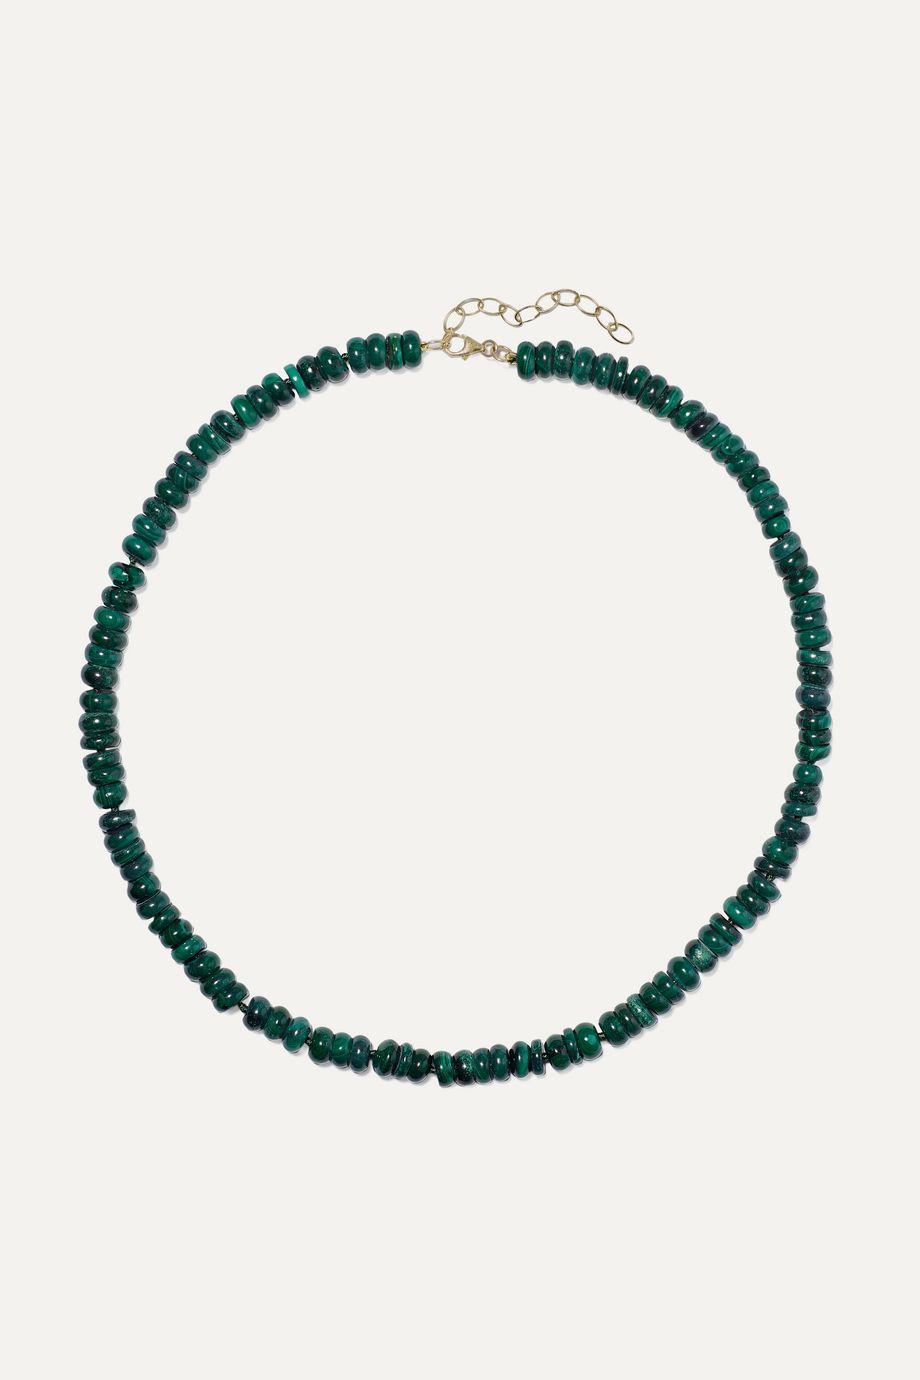 Harris Zhu Gold malachite necklace